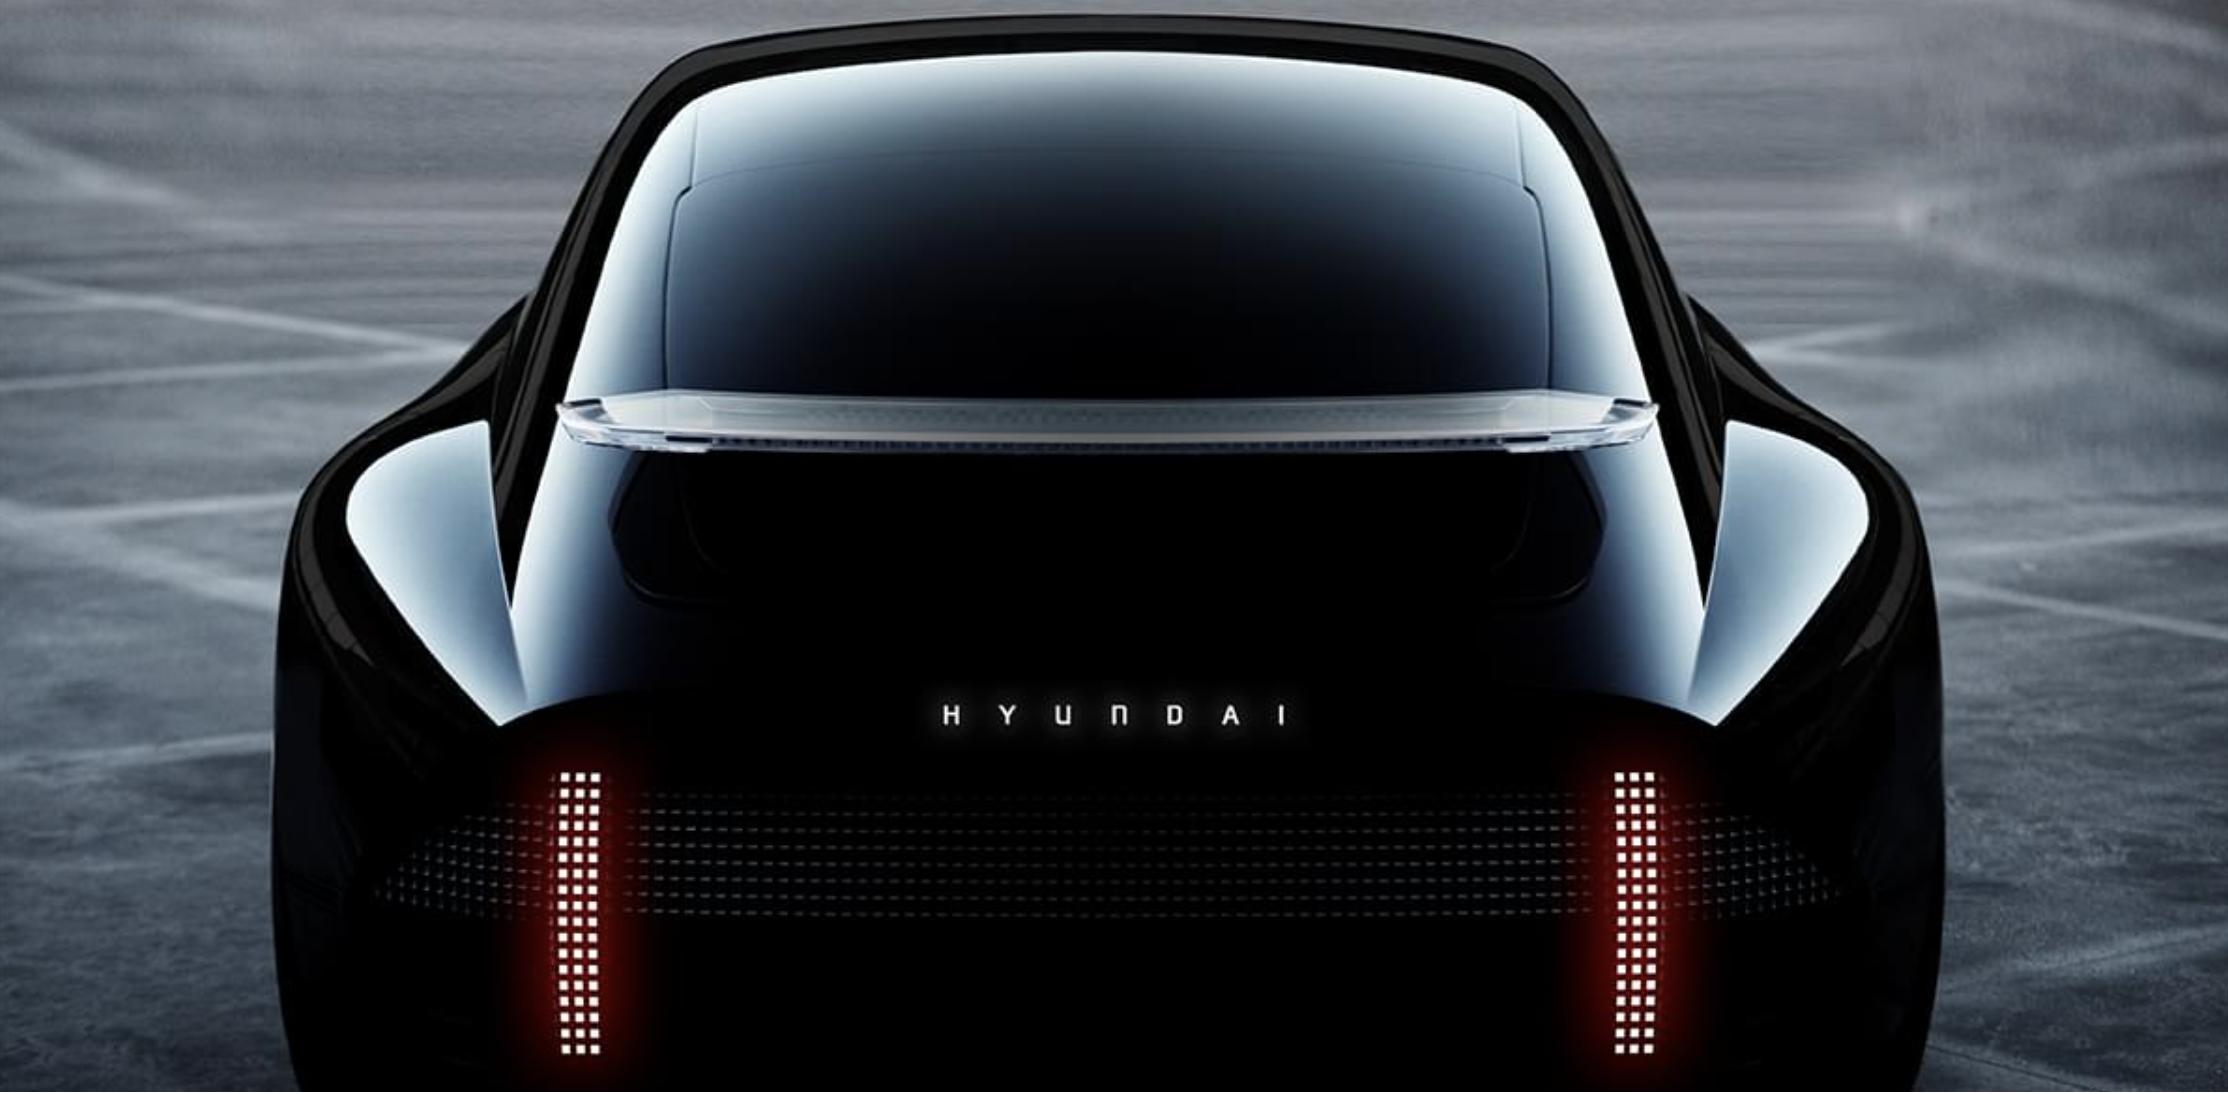 現代自動車はなぜEV「アップルカー」の受託生産に慎重なのか?